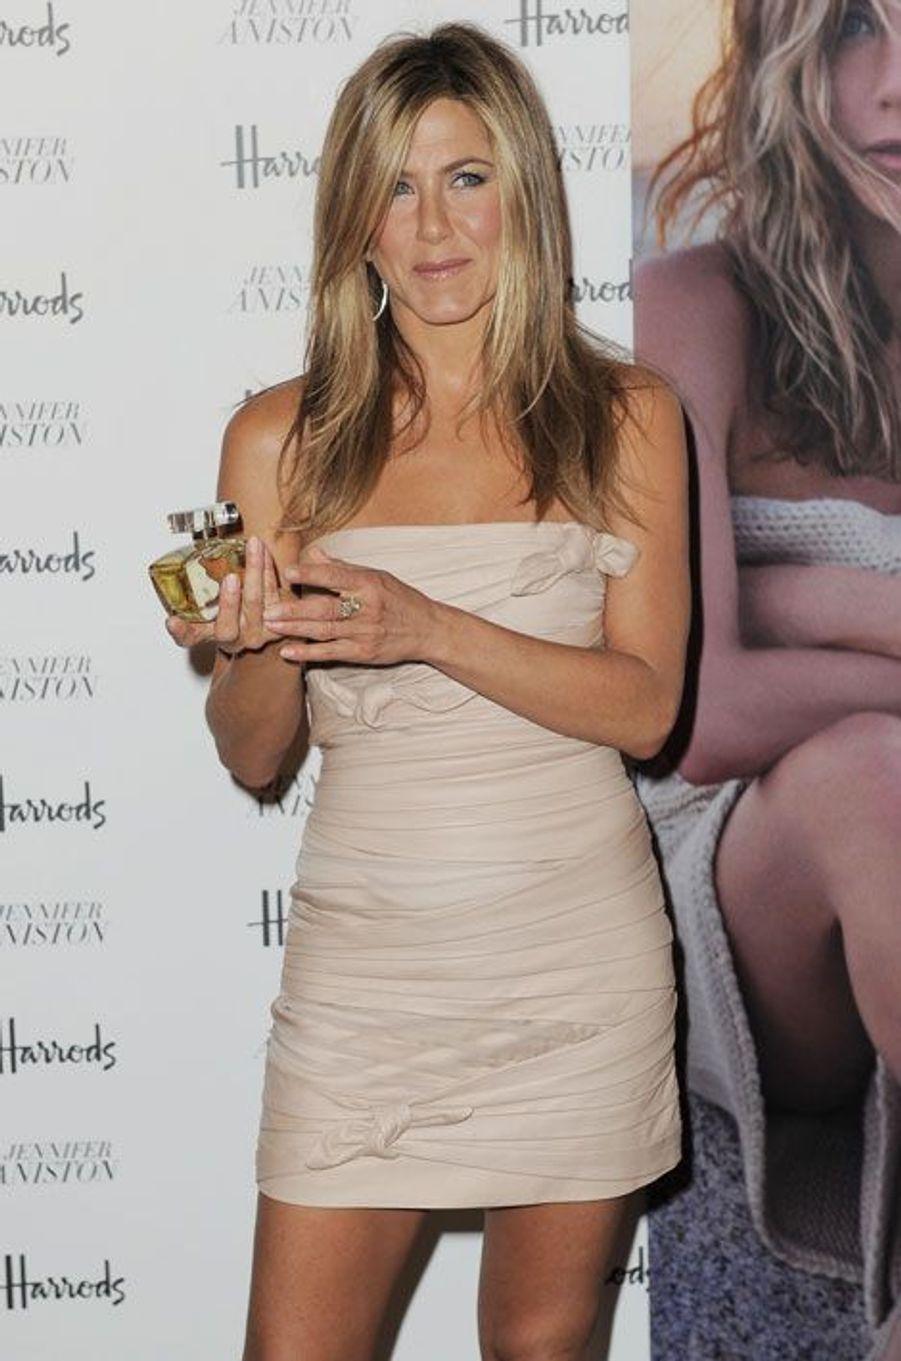 Le 21 juillet 2010, Jennifer Aniston lançait son premier parfum, baptisé Lolavie, à Londres. La précieuse essence sera exclusivement distribuée par l'enseigne Harrods.